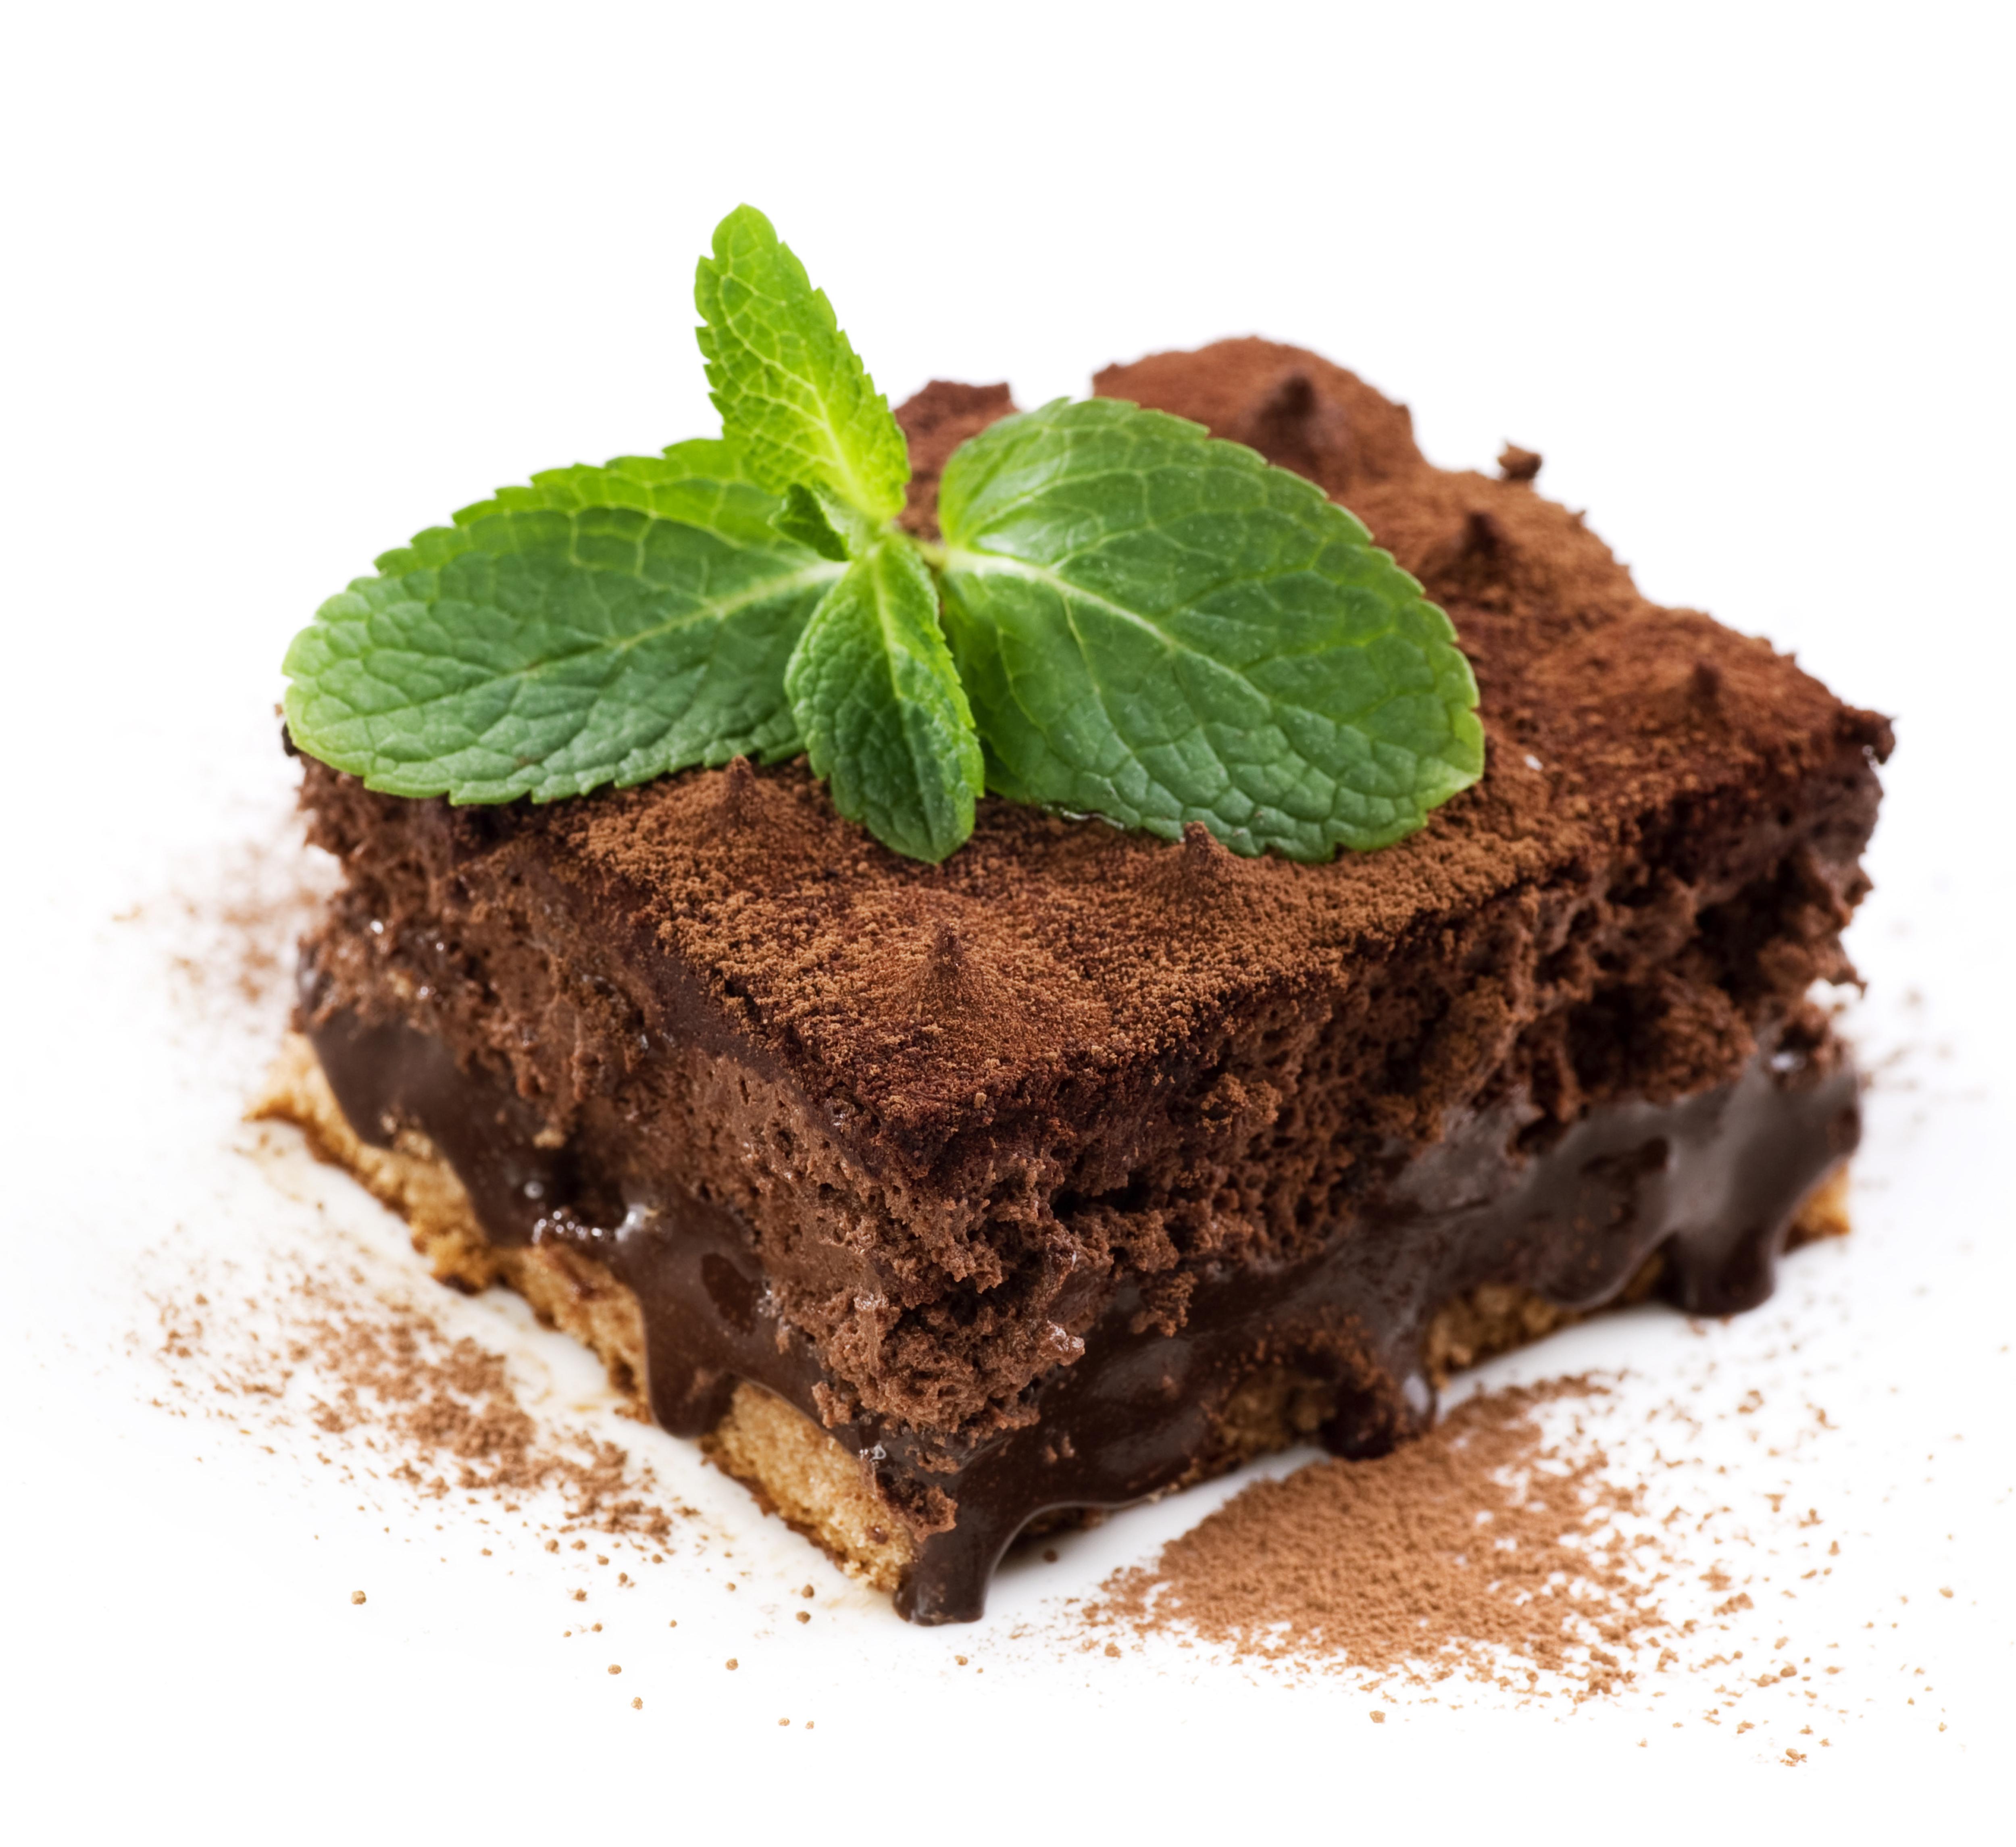 Фотография Пища Пирожное Шоколад Кусок Какао порошок Торты 5000x4582 Еда Продукты питания часть кусочки кусочек